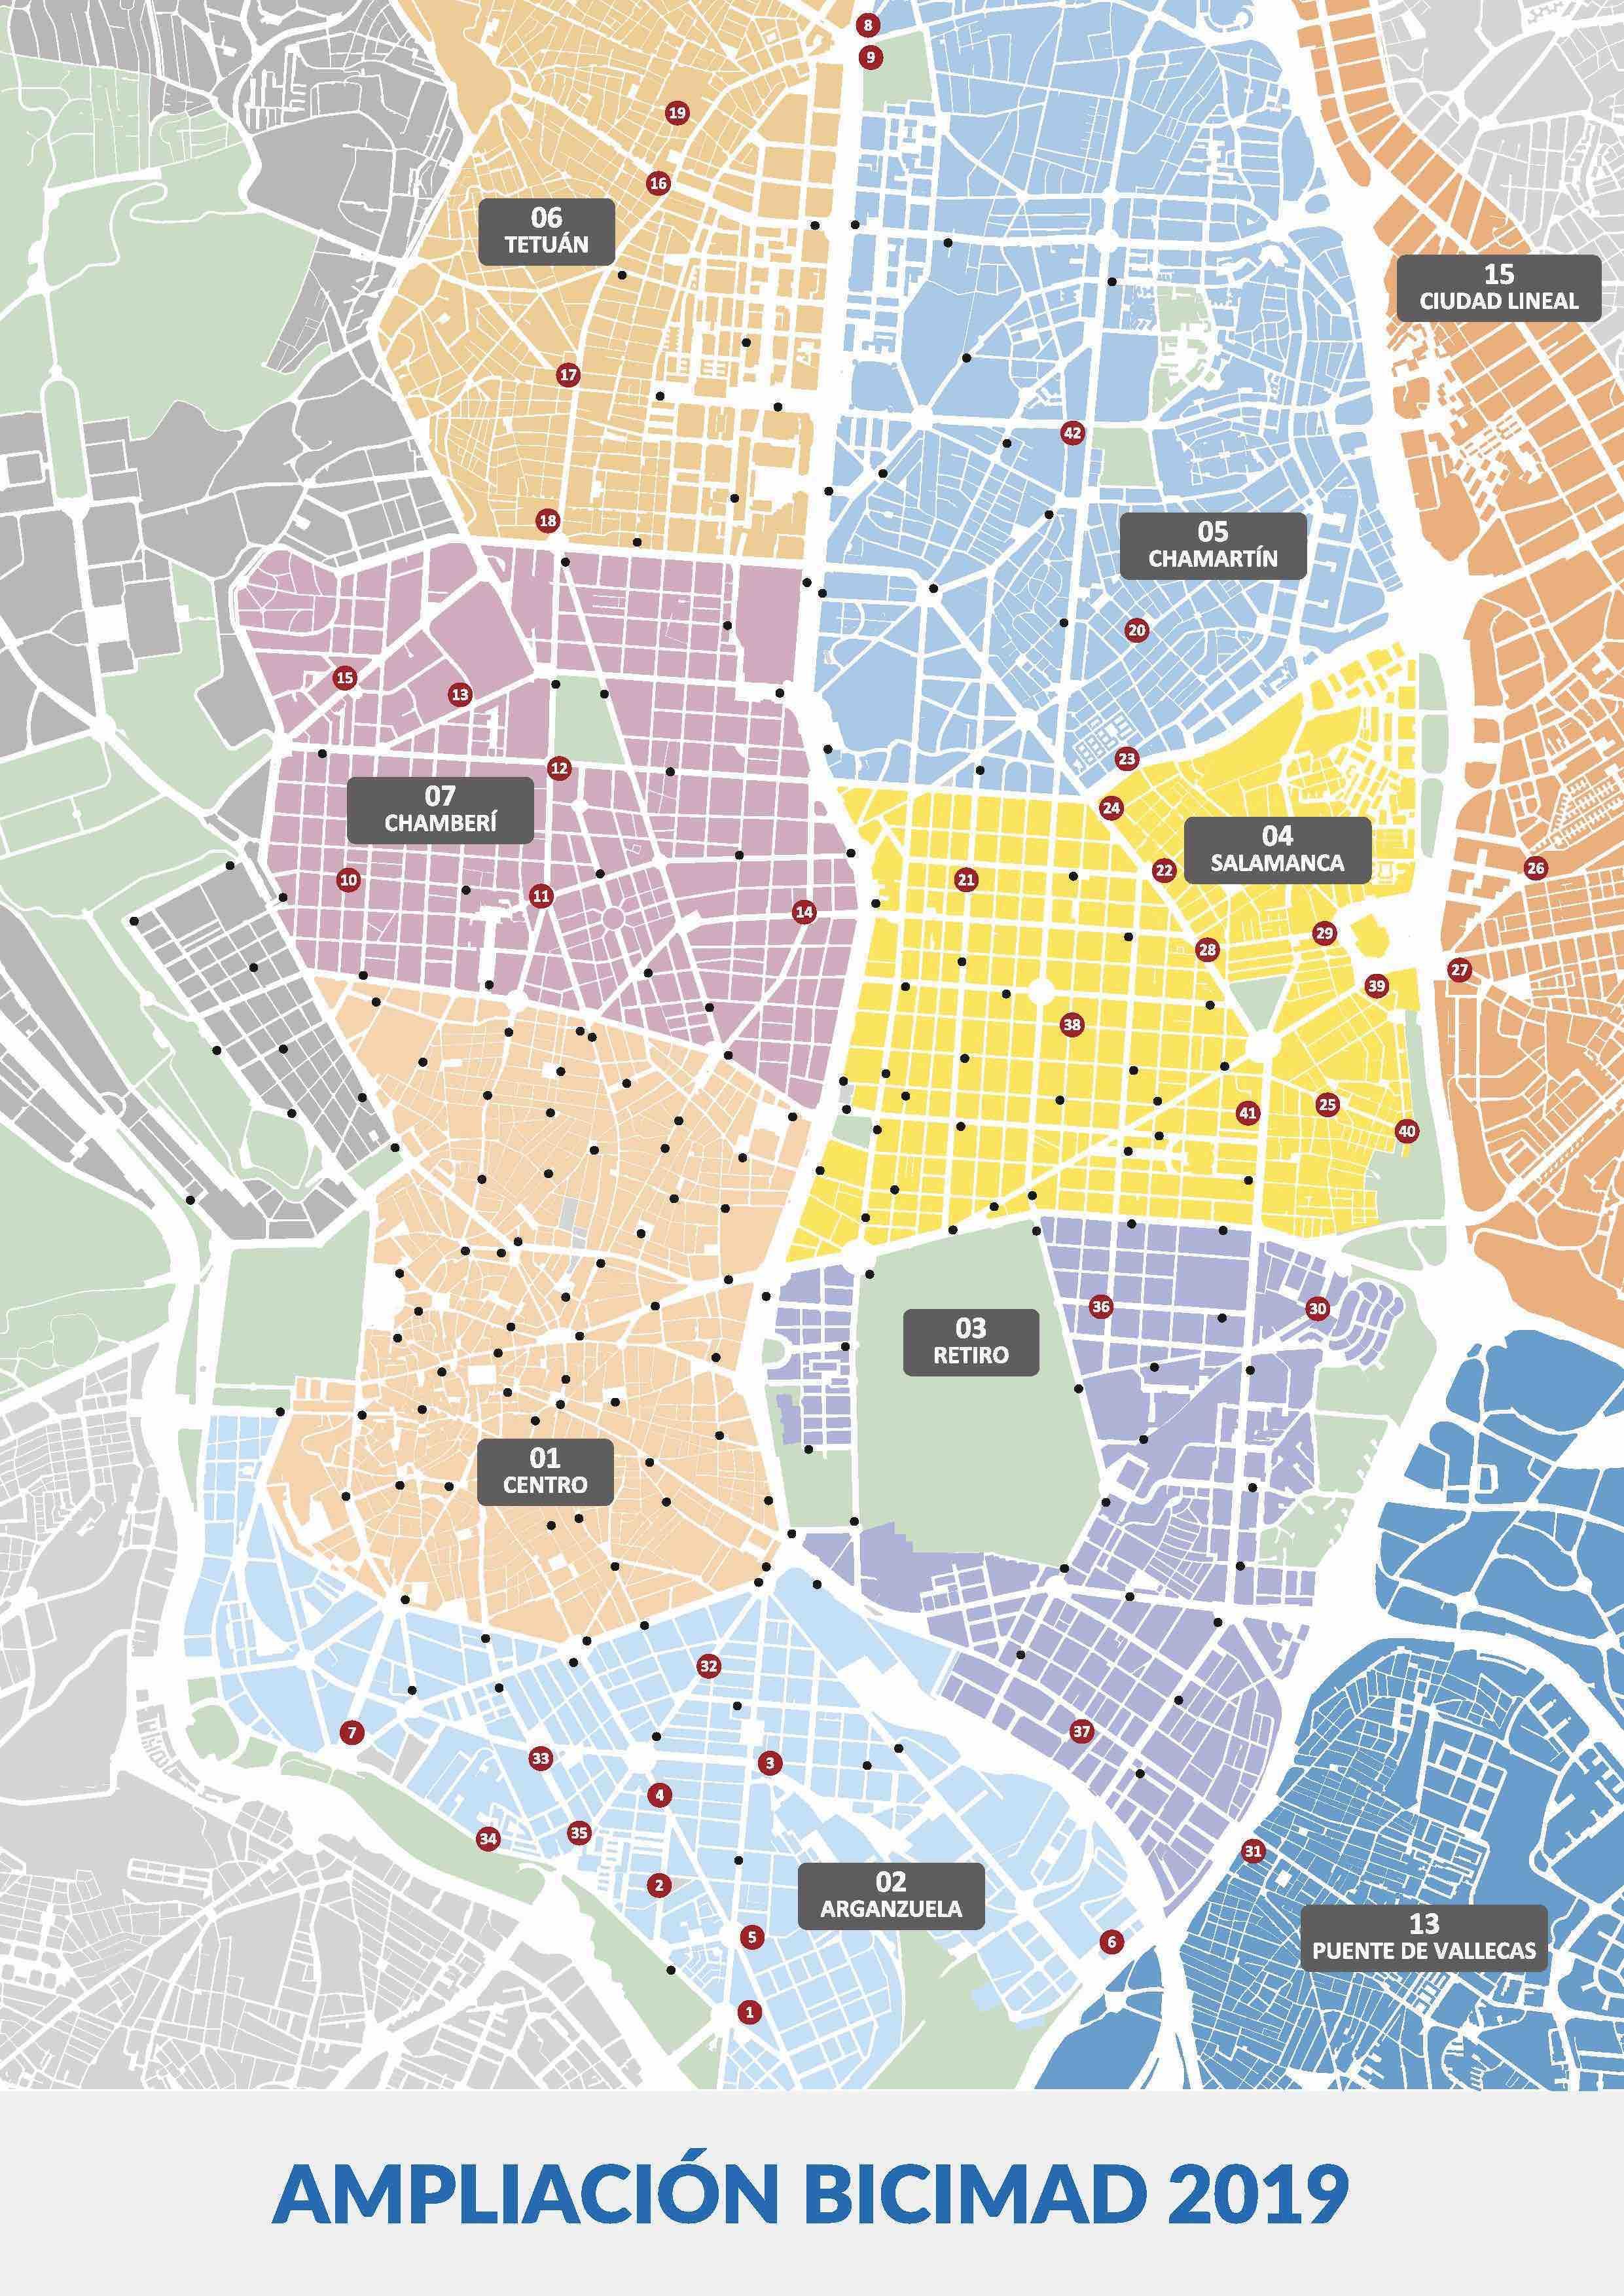 Mapa de la ampliación BiciMad. (Clic para ampliar)